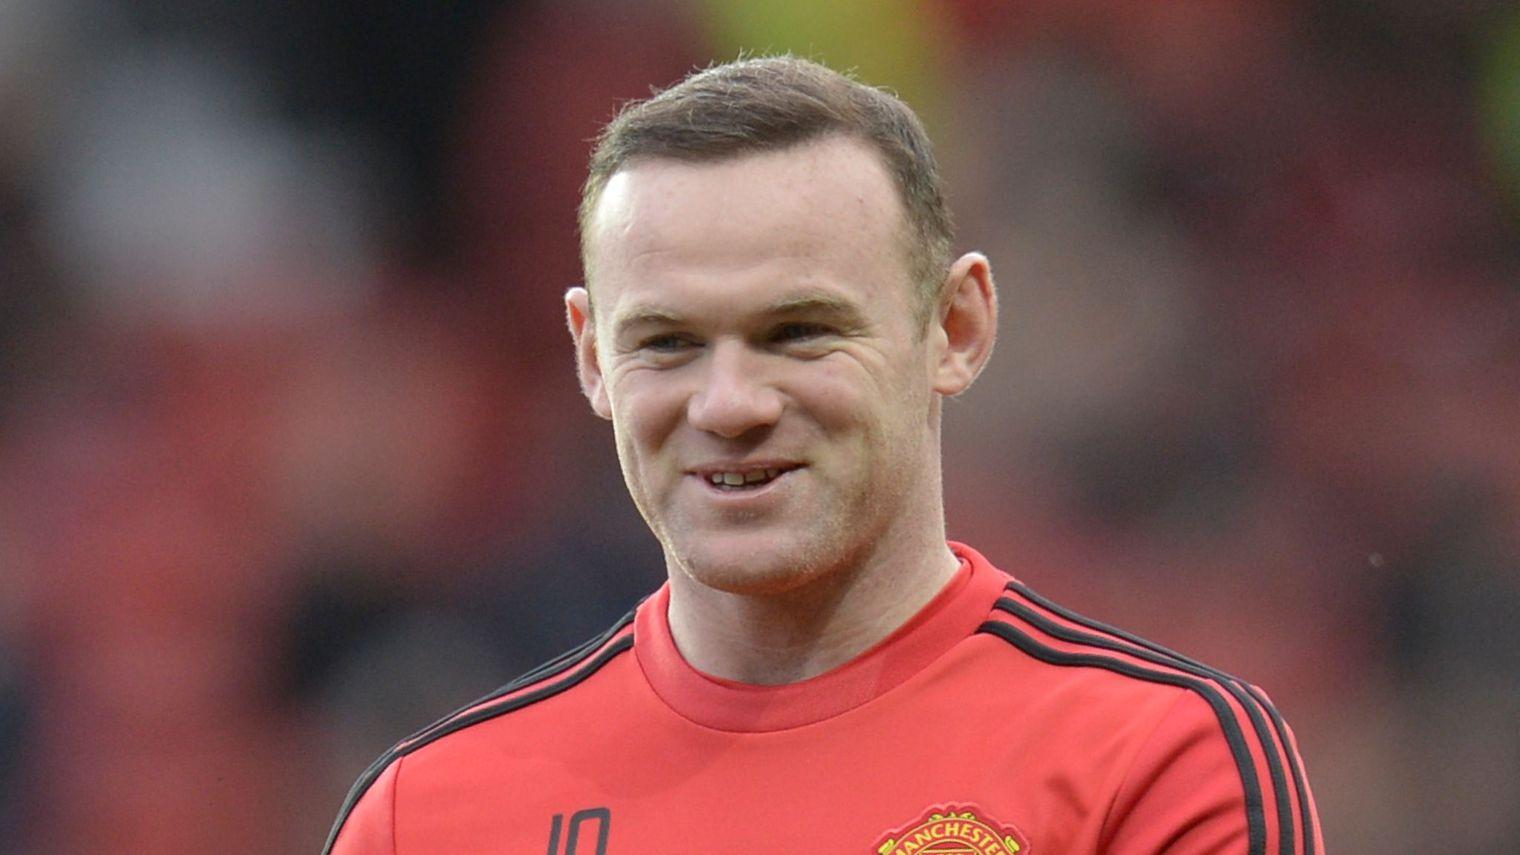 Soirée arrosée de Rooney: Un nouveau scandale qui fait tache